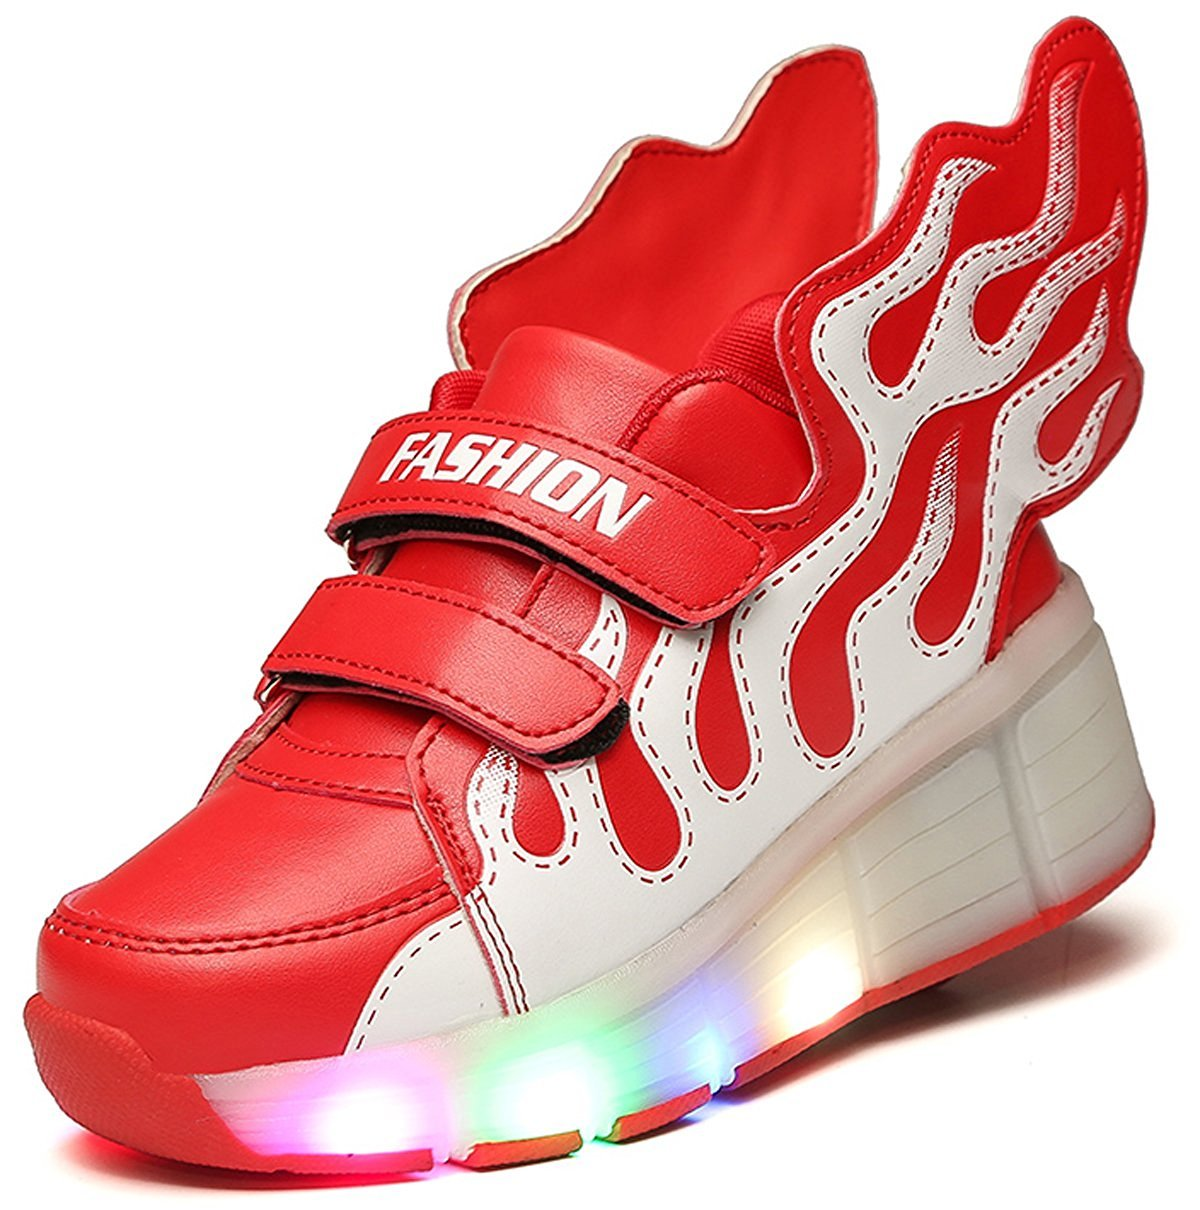 LED Light roller shoes with single wheel skate sneaker for Girl's Boy's Christmas Halloween Gift